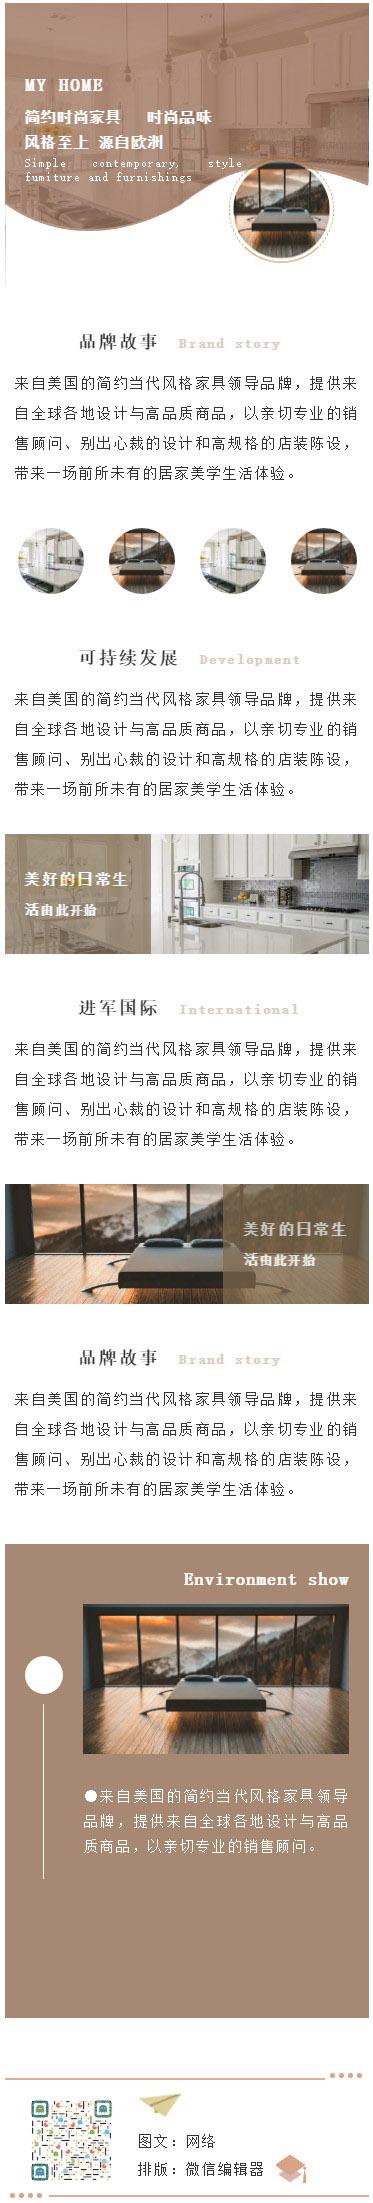 现代家具设计 居家生活微信公众号推文模板推送图文文章素材